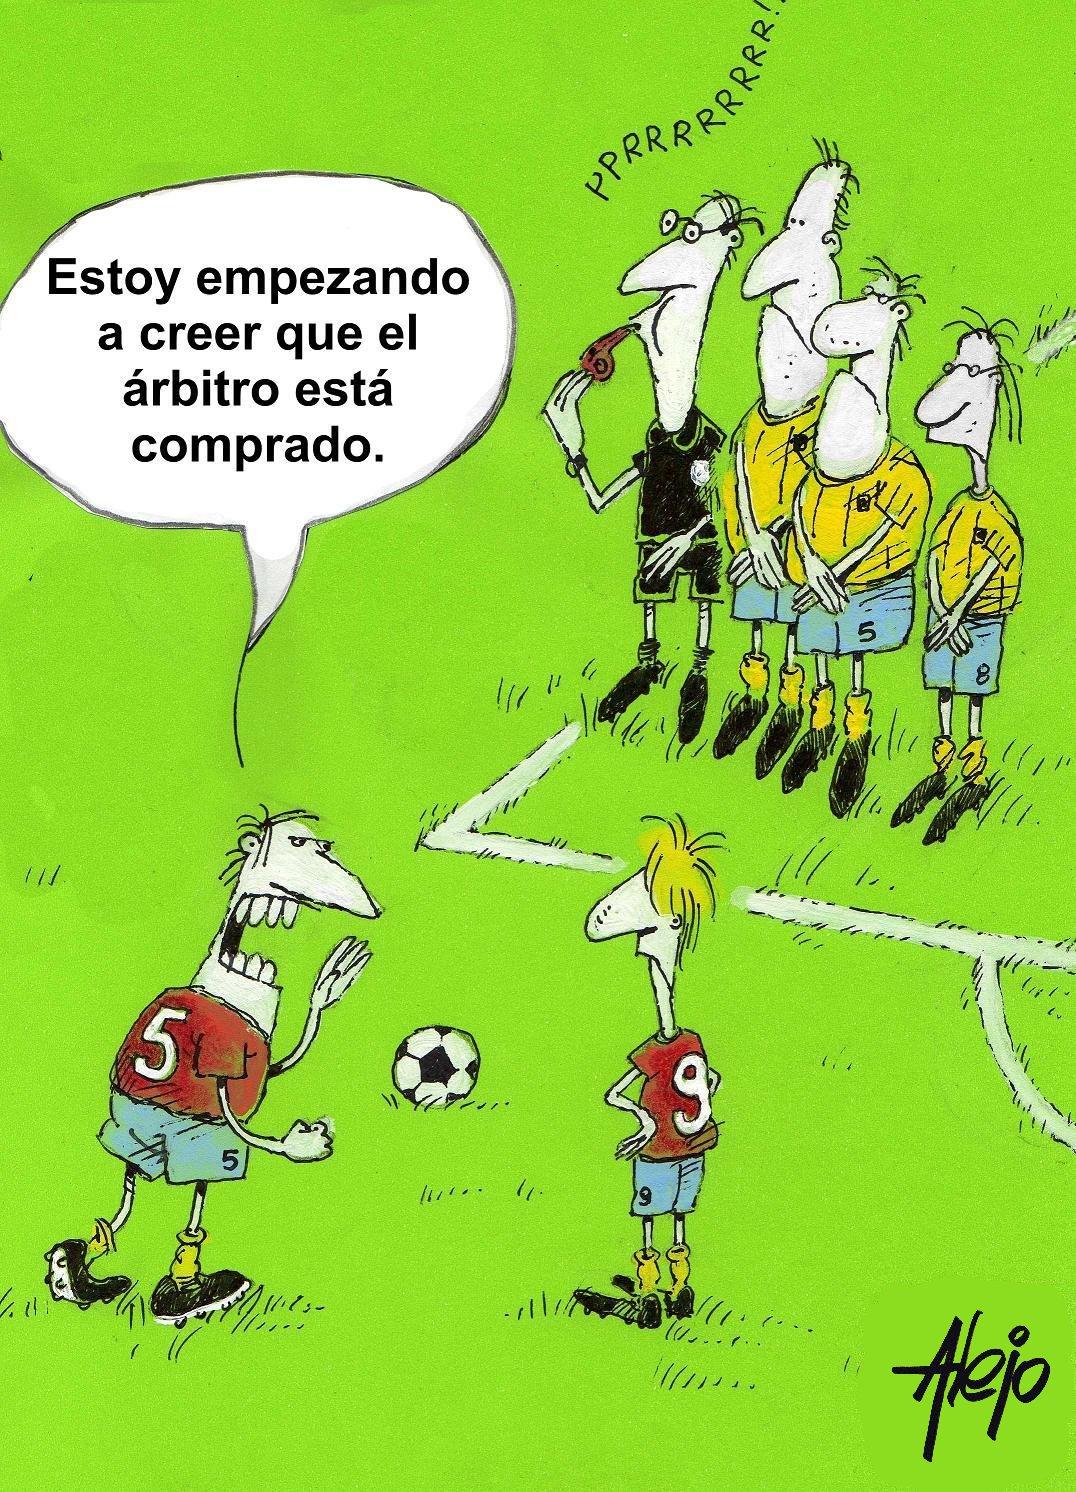 Футбольные картинки с юмором